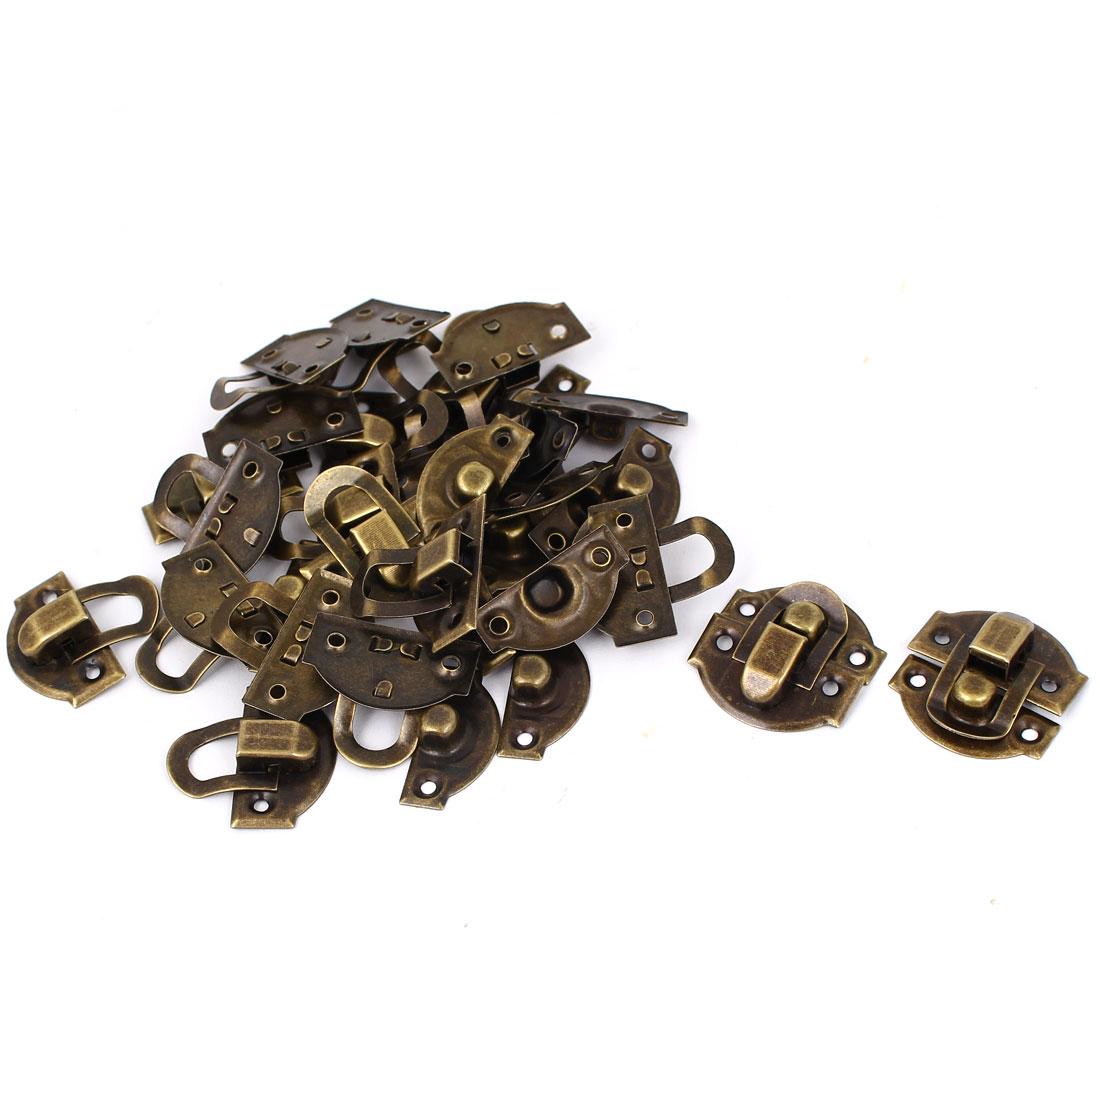 Metal 29mm x 27mm Box Decorative Lock Hasp Toggle Latch Bronze Tone 20pcs